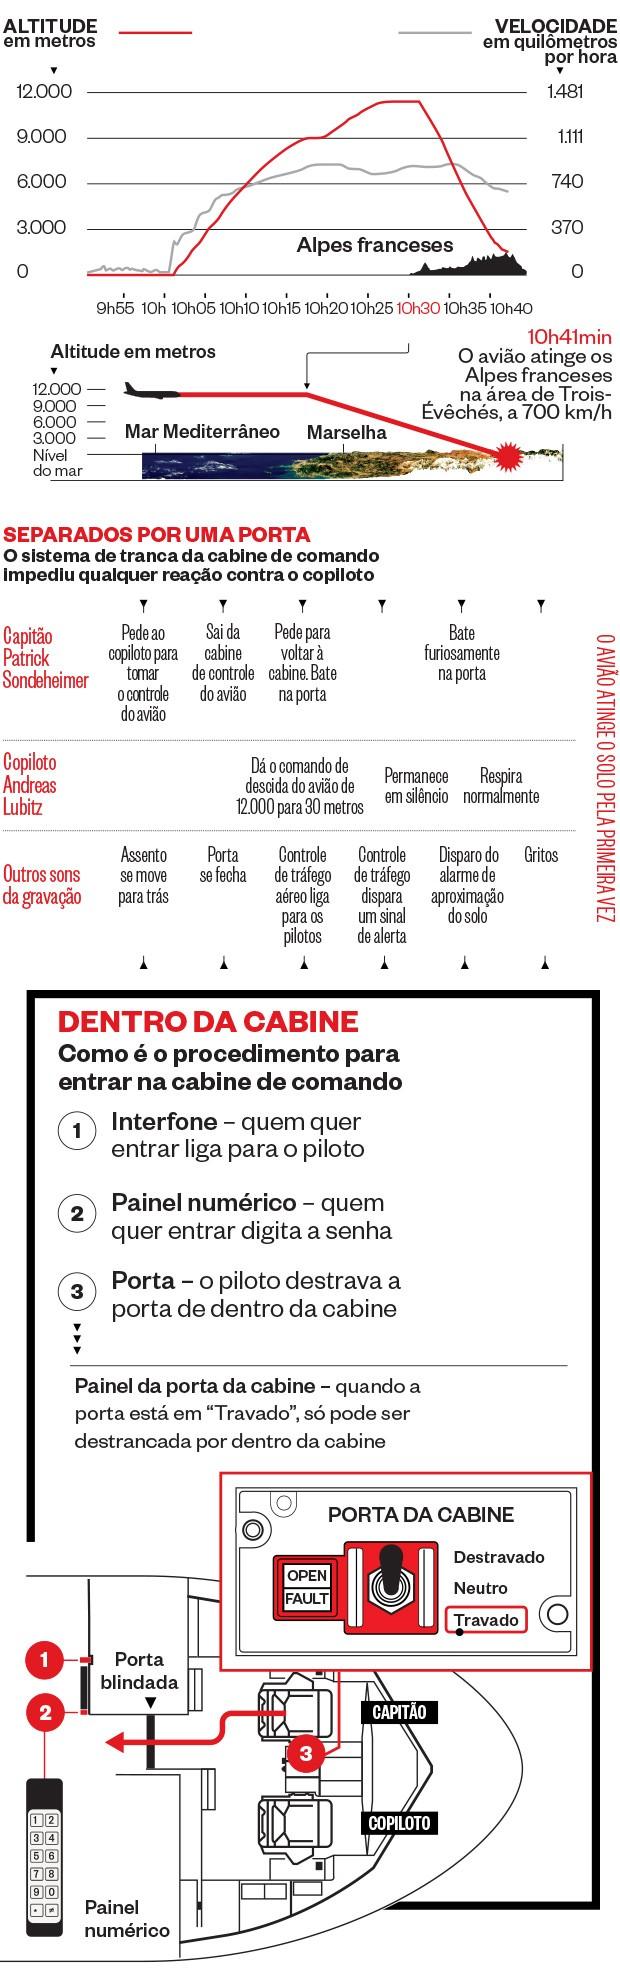 O sistema de tranca da cabine de comando impediu qualquer reação contra o copiloto (Foto: Revista ÉPOCA)